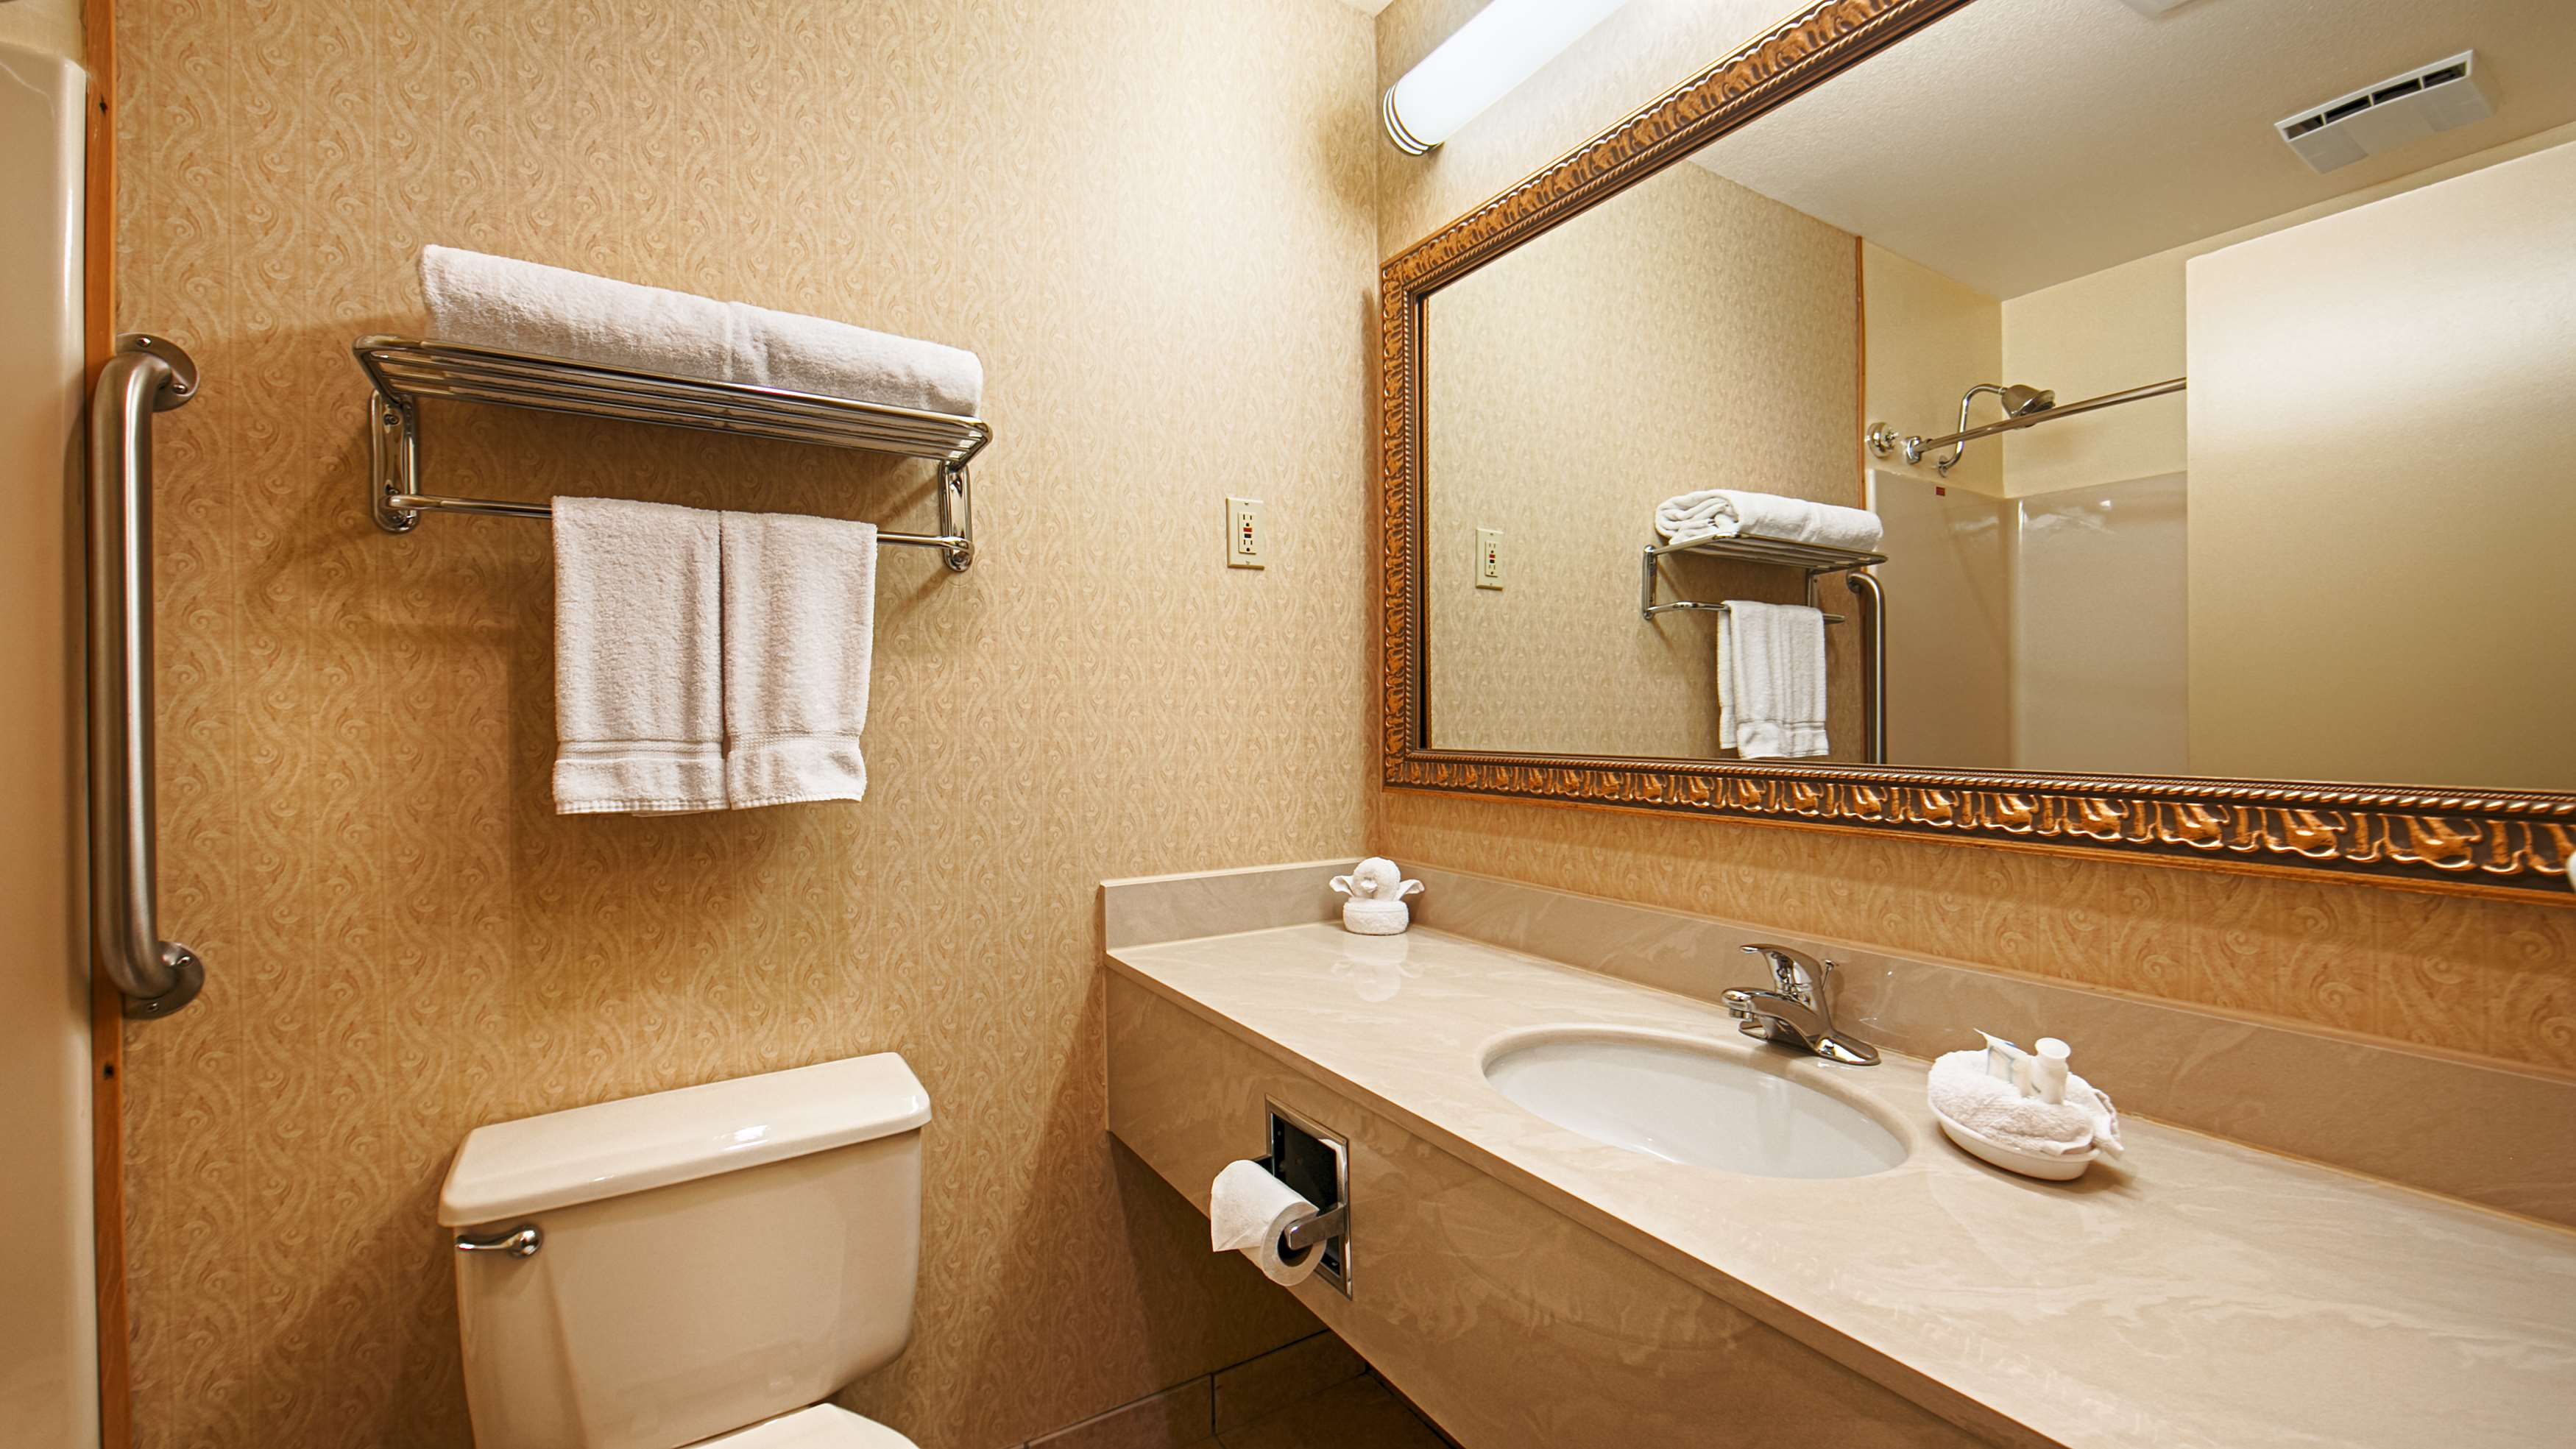 Best Western Inn & Suites image 14